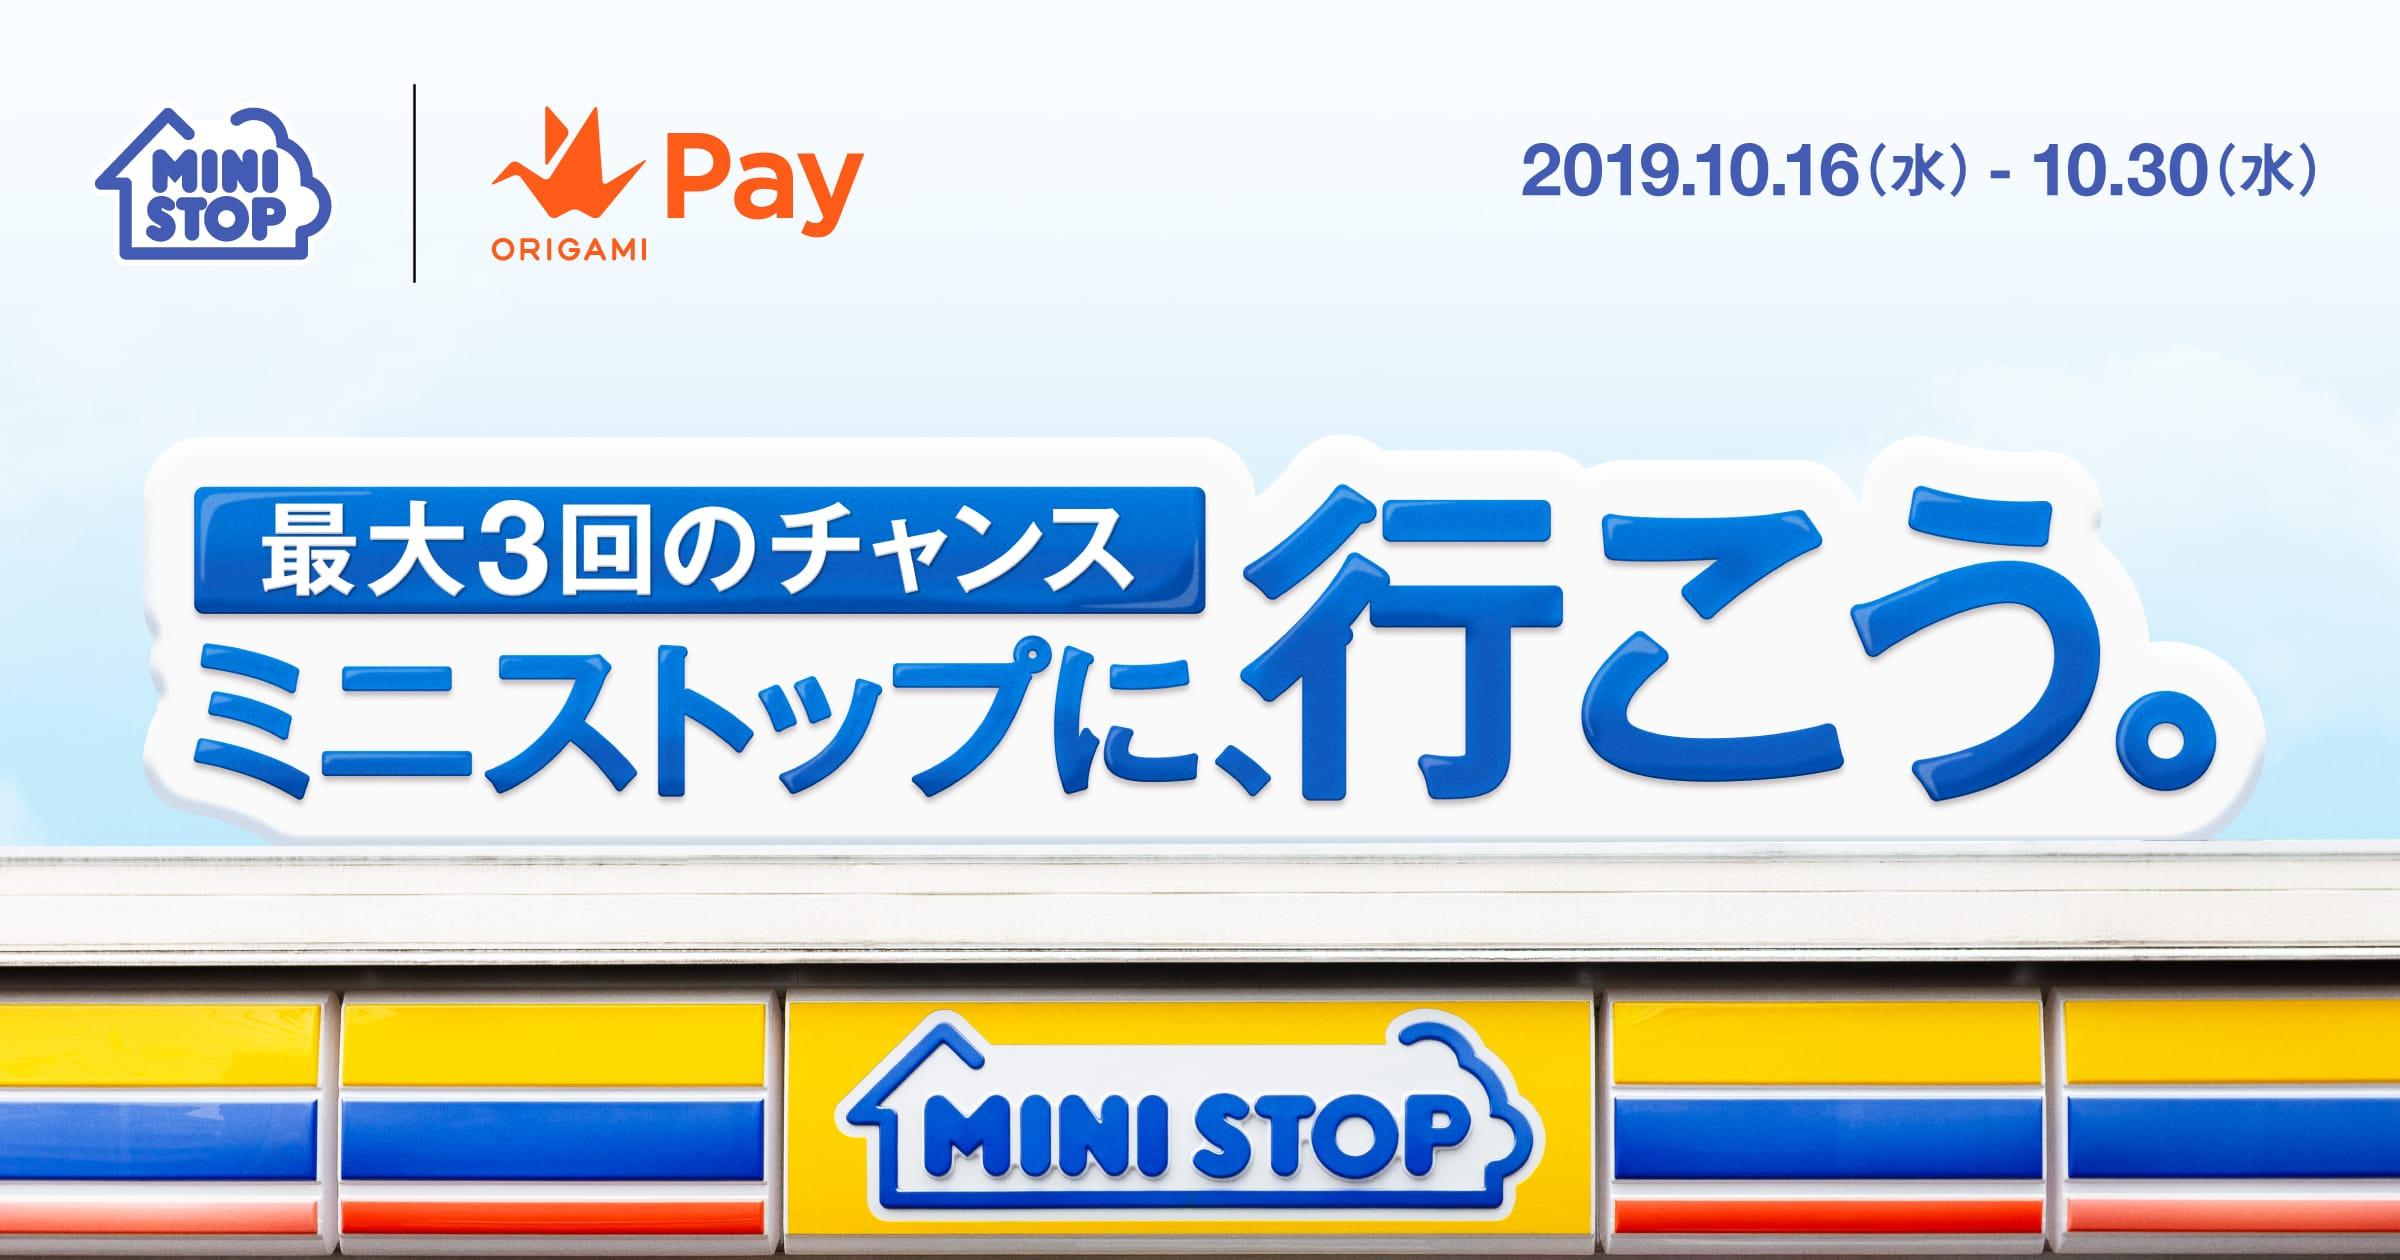 OrigamiPayでミニストップ限定、初めて500円OFF、誰でも100円OFF、使った人100円×5枚クーポンが貰える。~10/30。